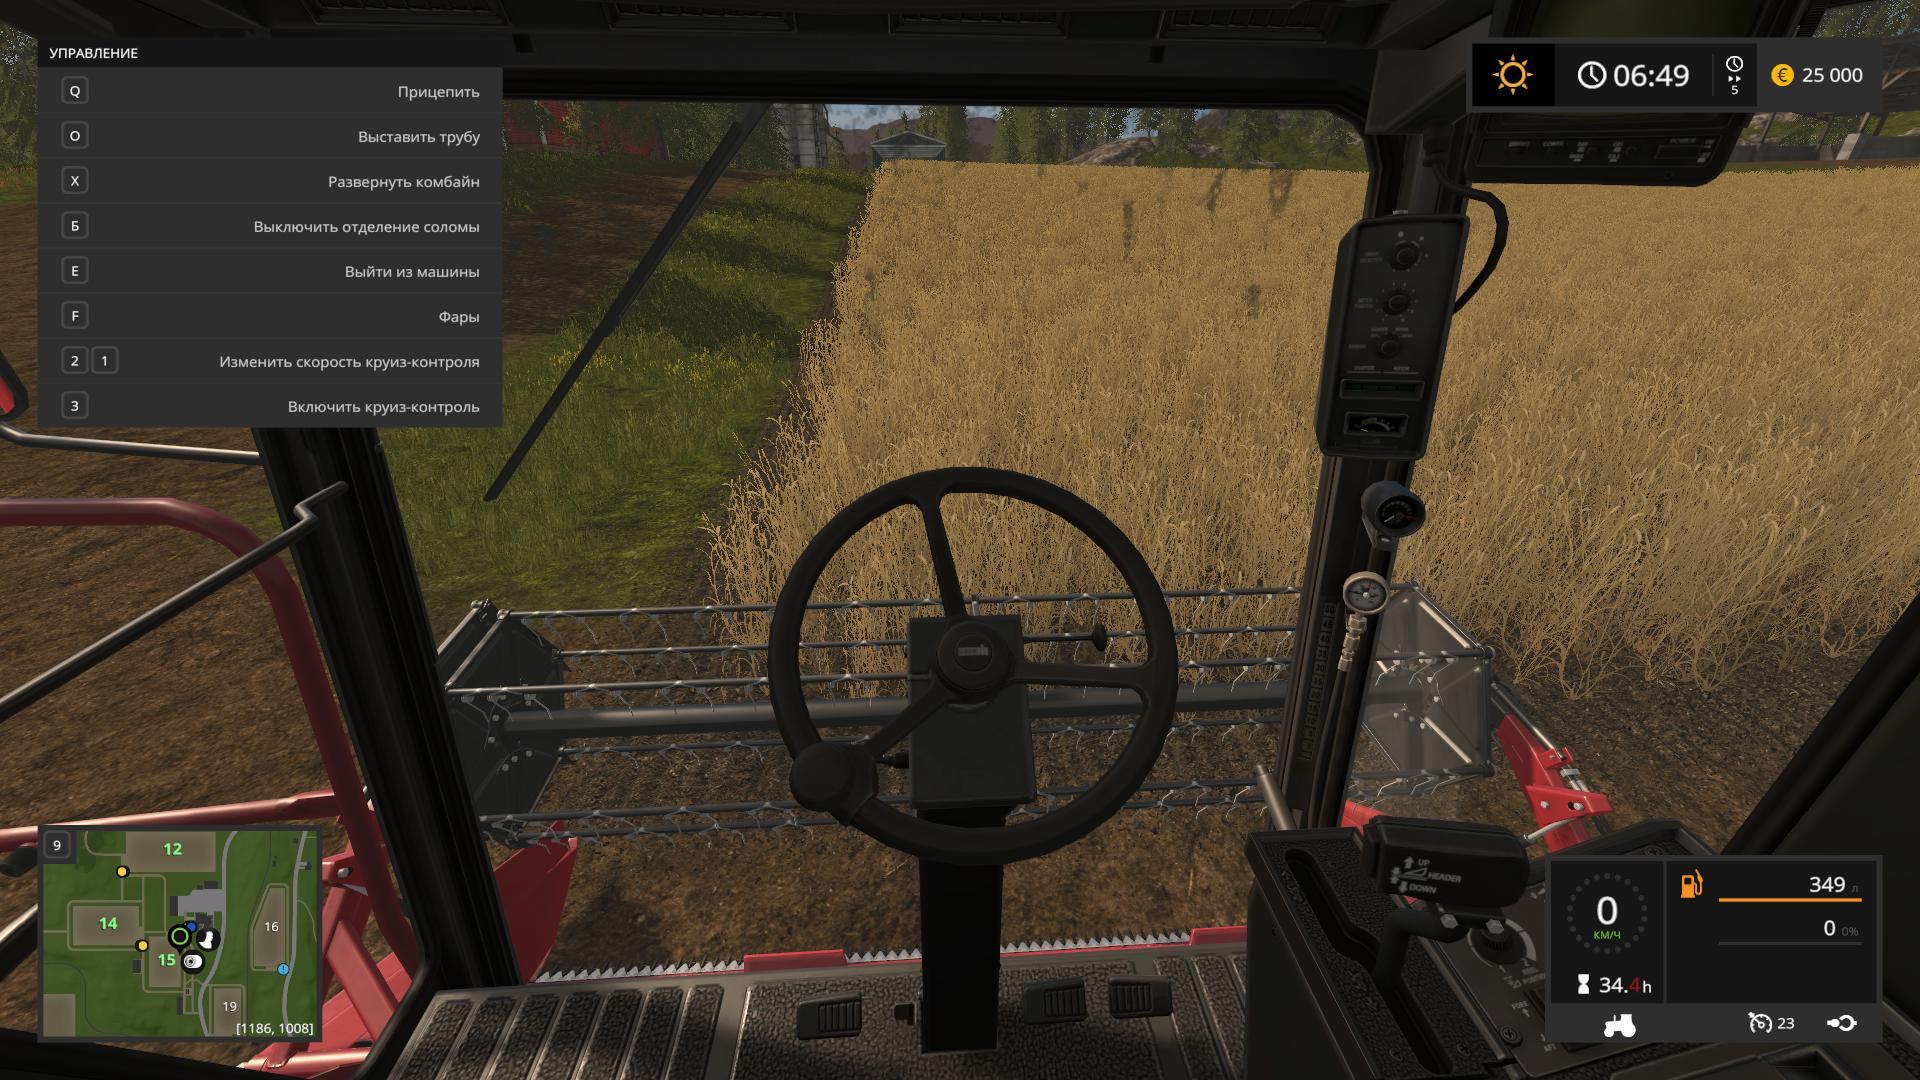 Скриншоты к Farming Simulator 17 v1.5.3.1 + 5 DLC на русском языке